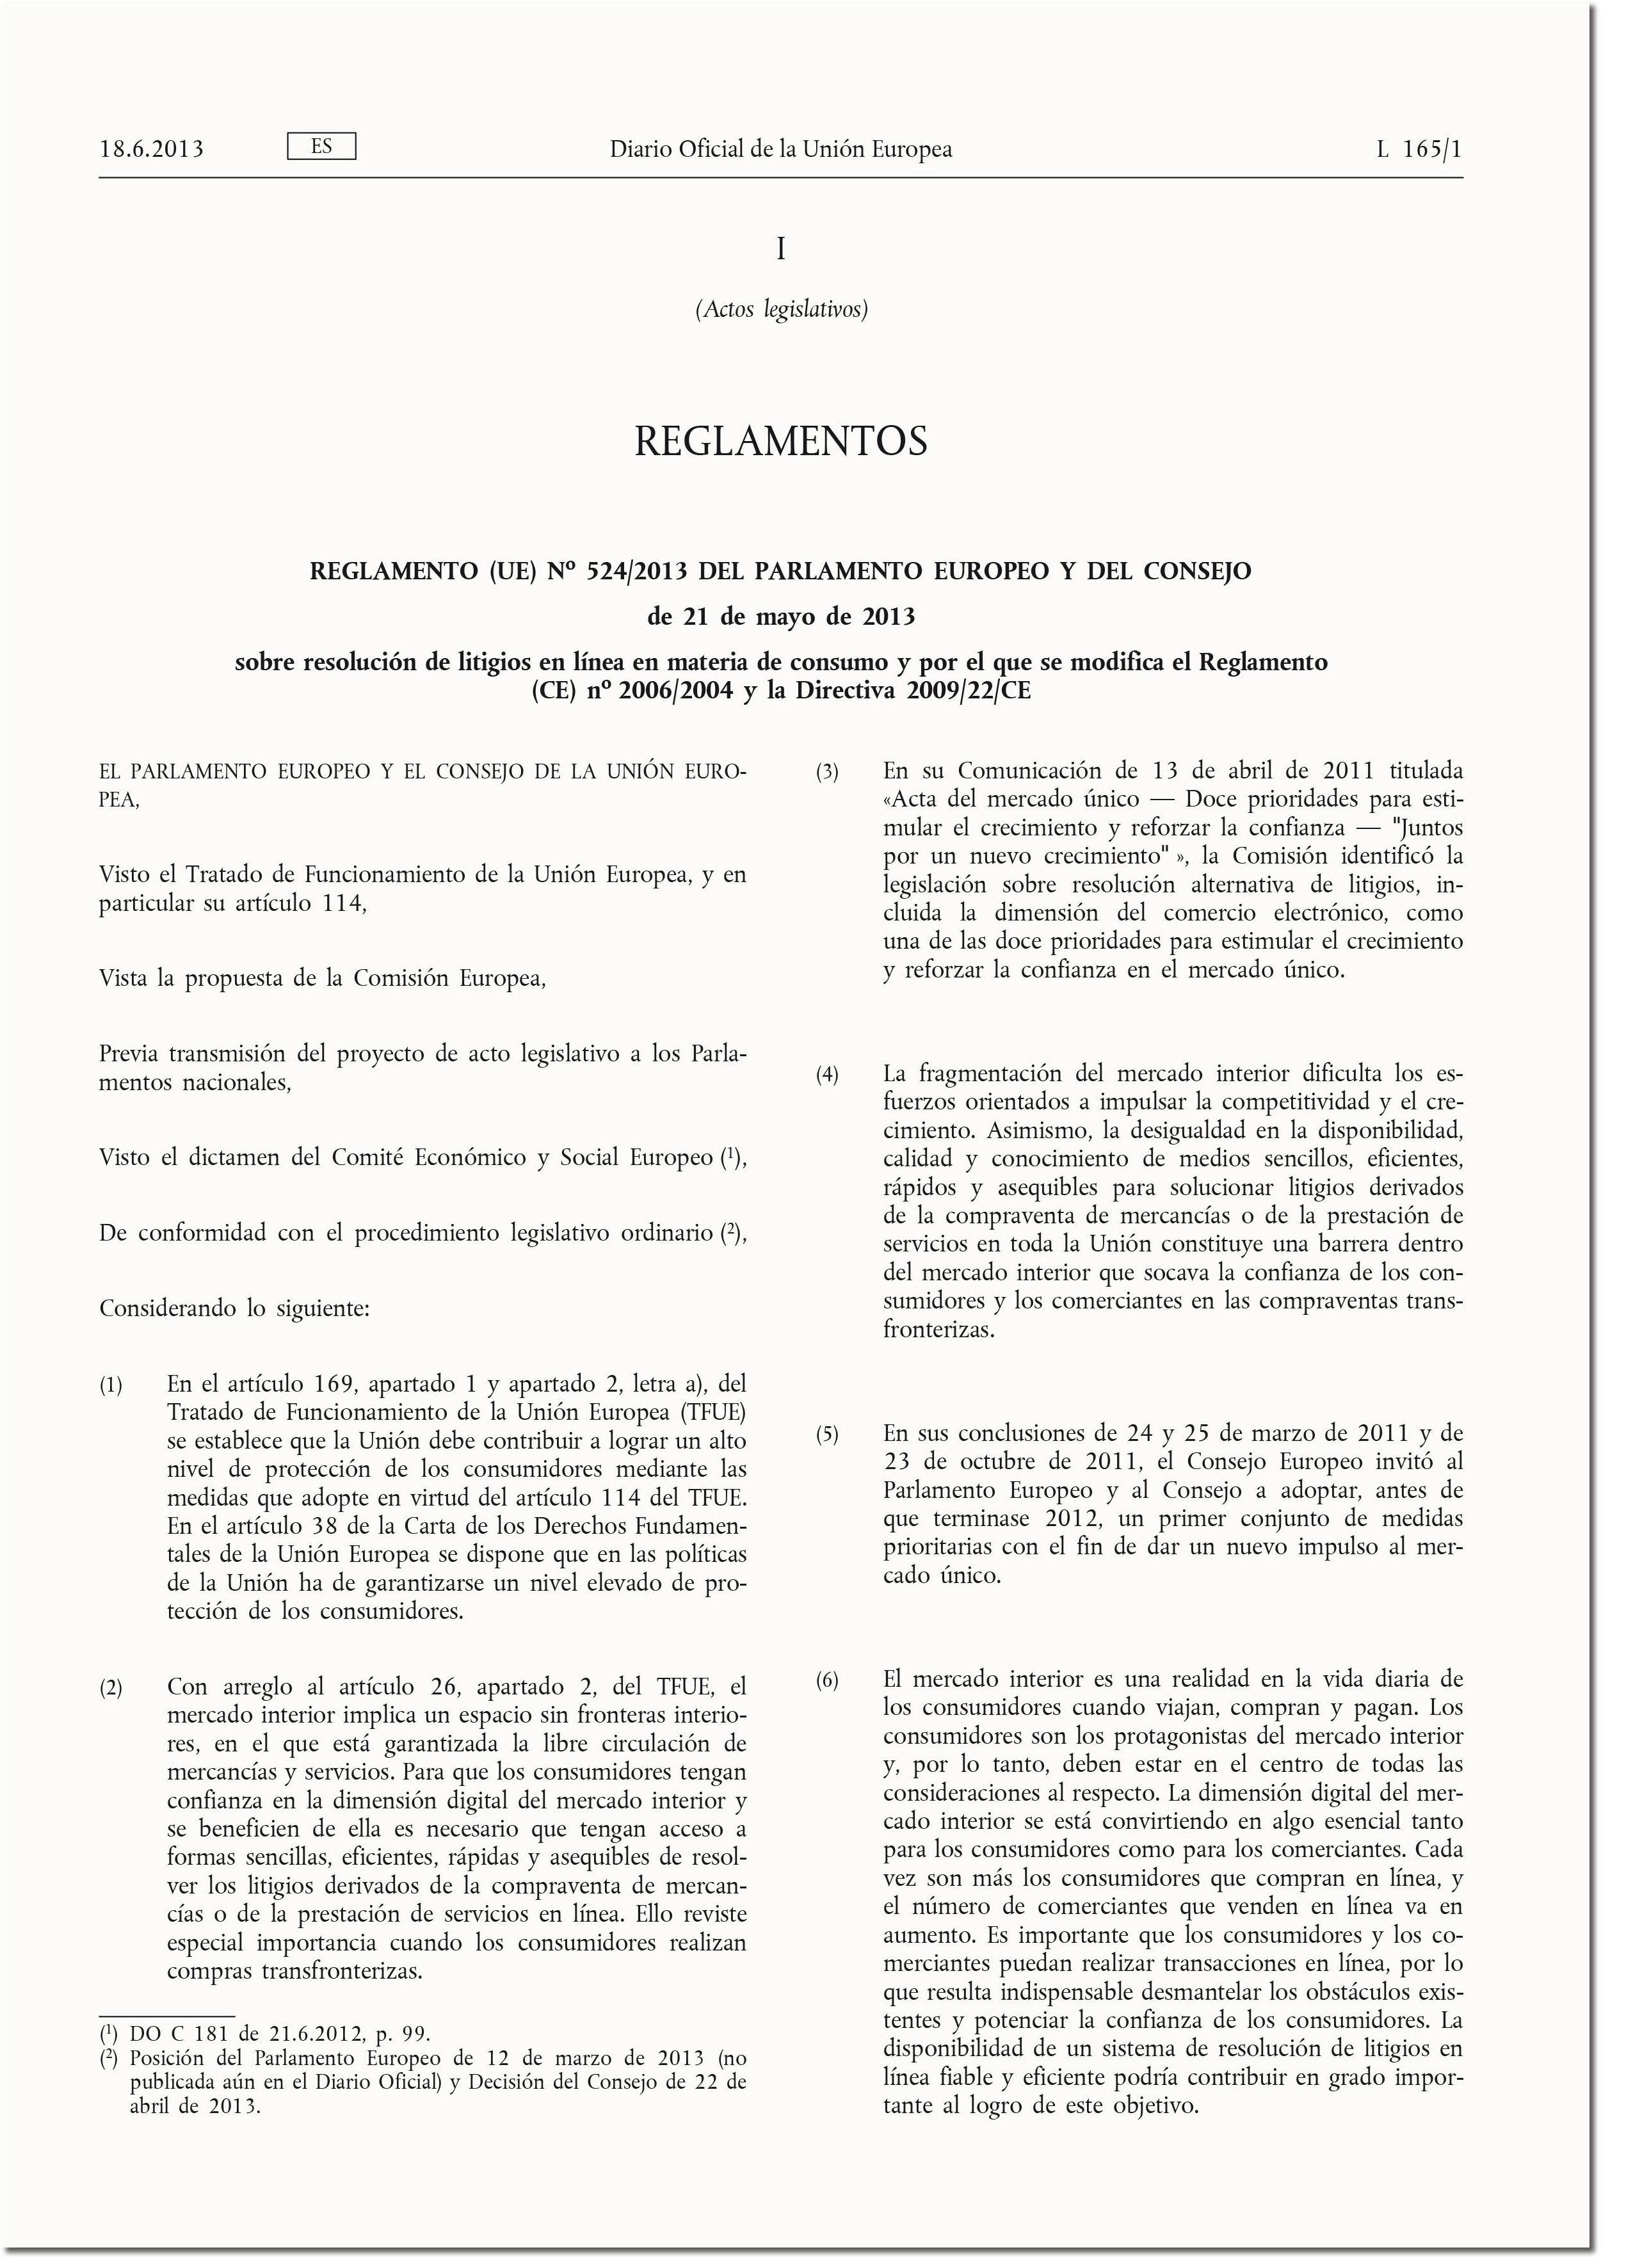 REGLAMENTOS-UE-524_2013_ESP-1.jpg